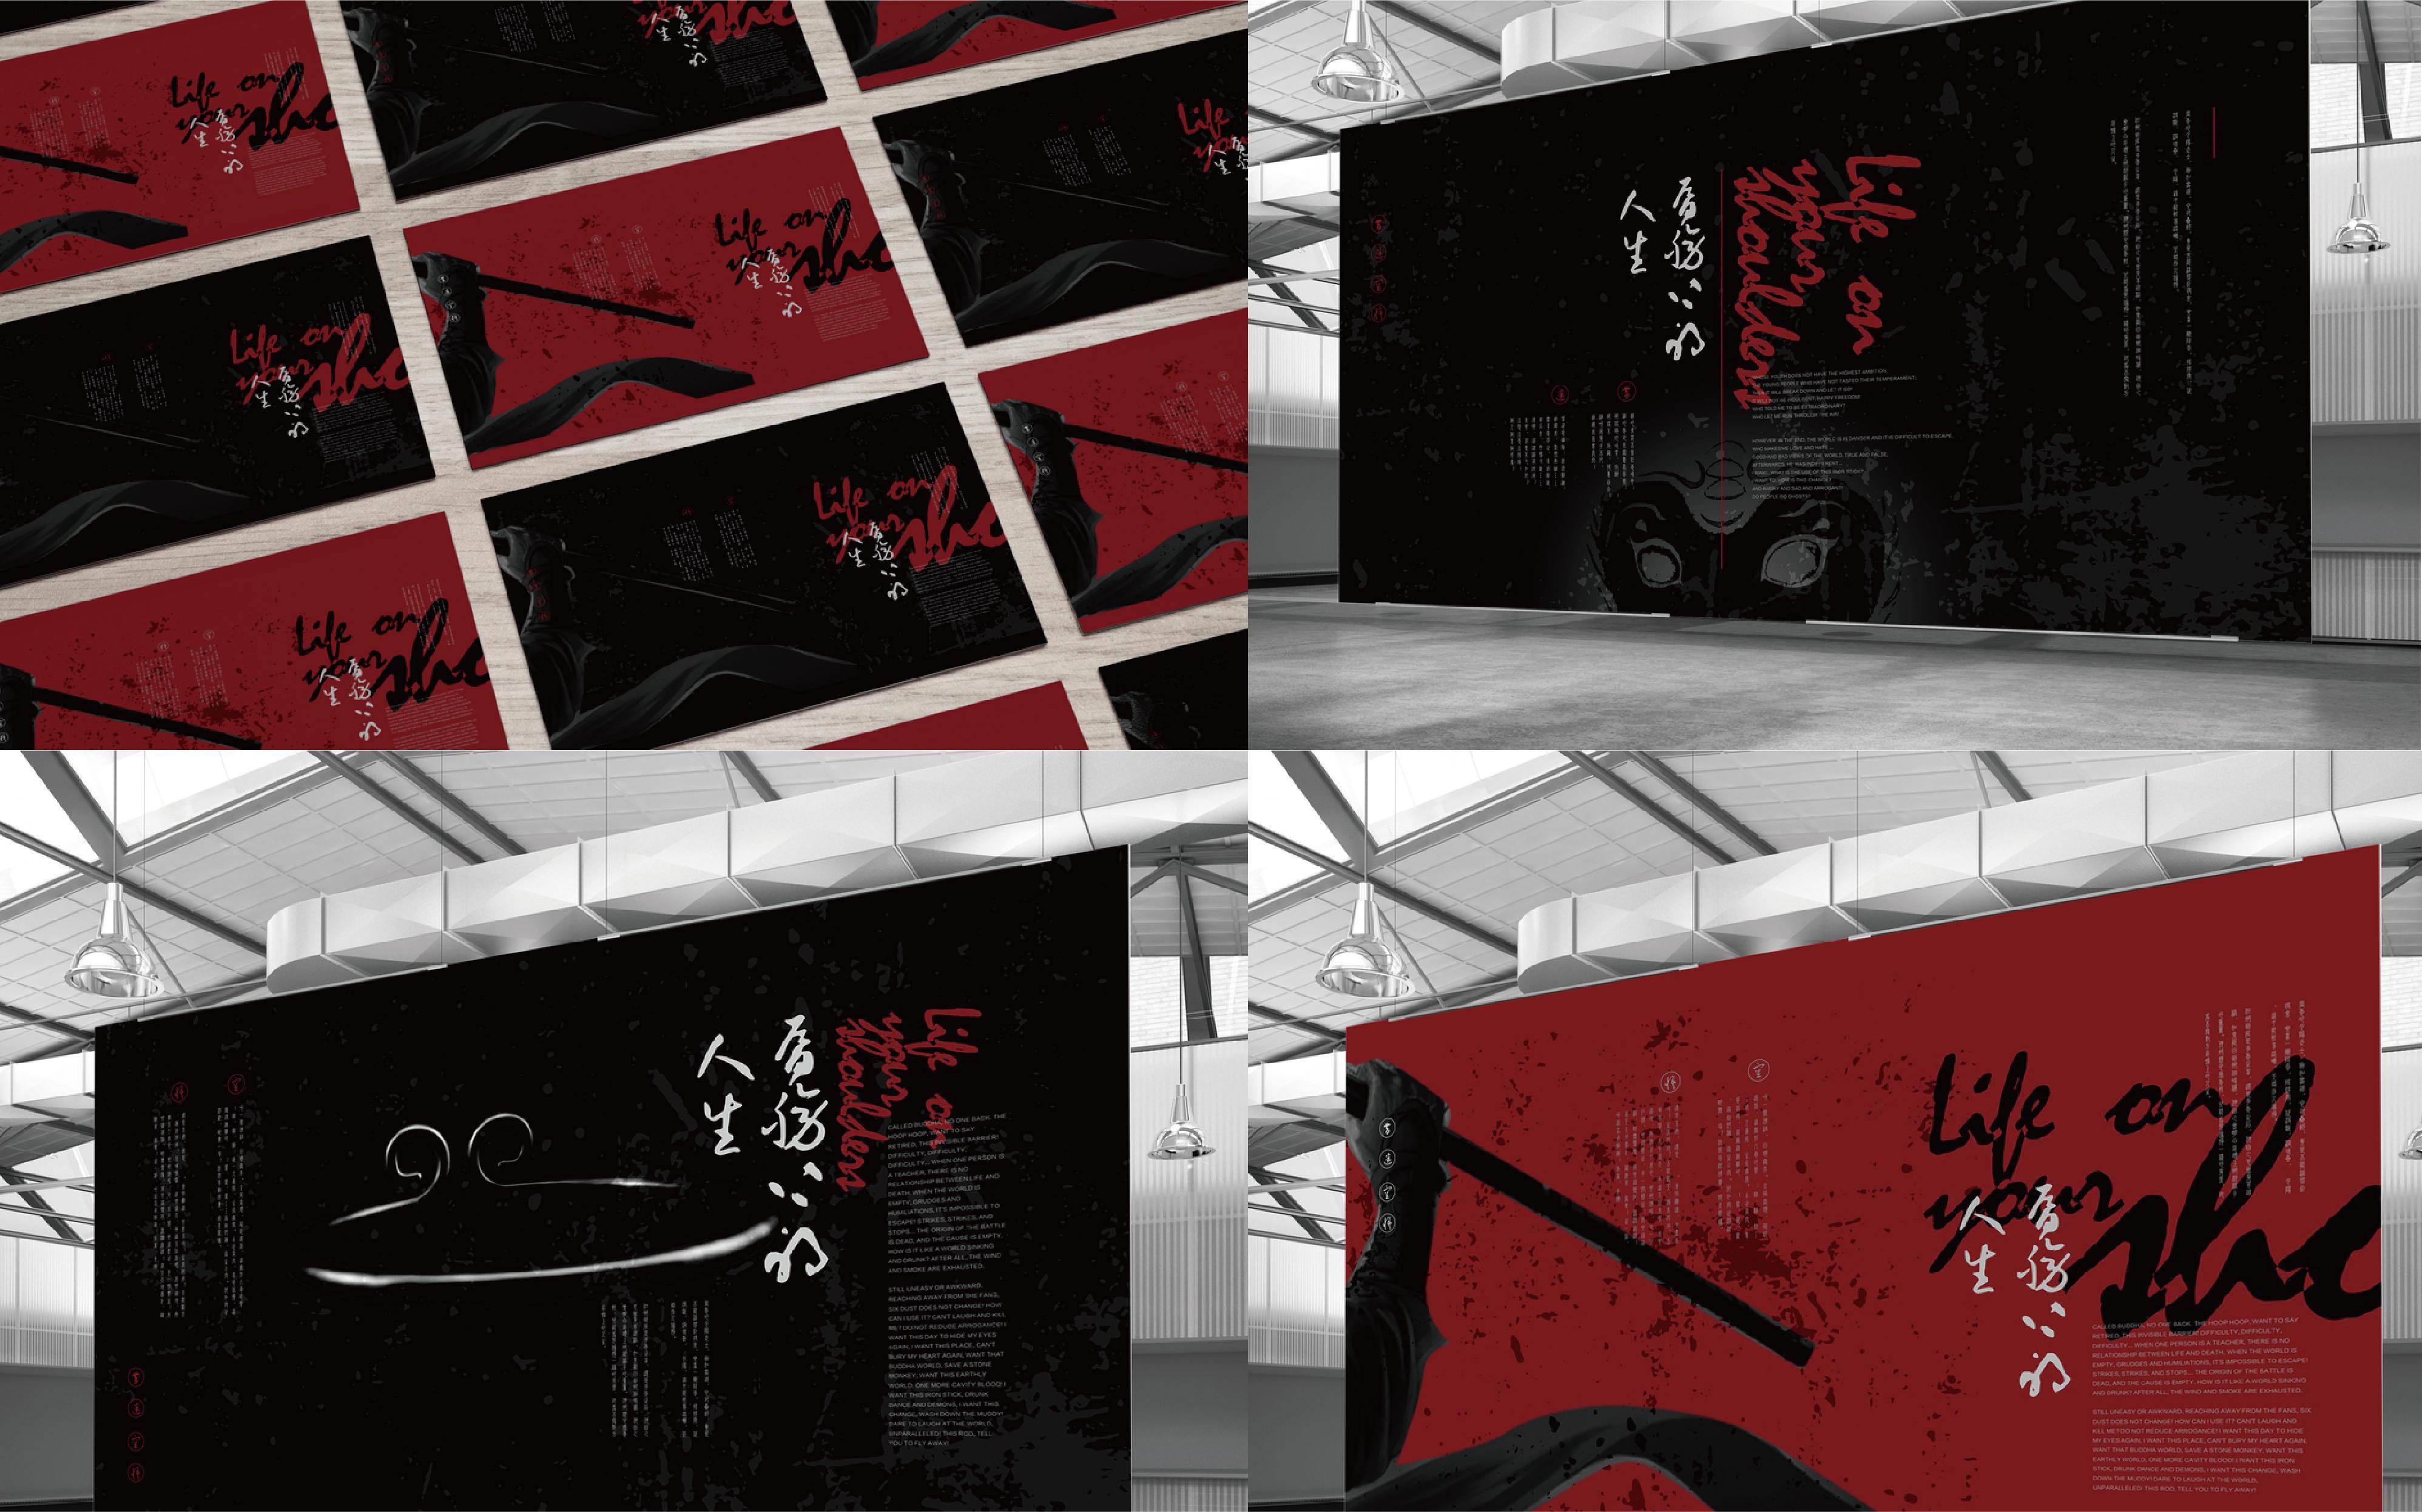 海报设计公司宣传册高端定制易拉宝单页banner传单制作包月